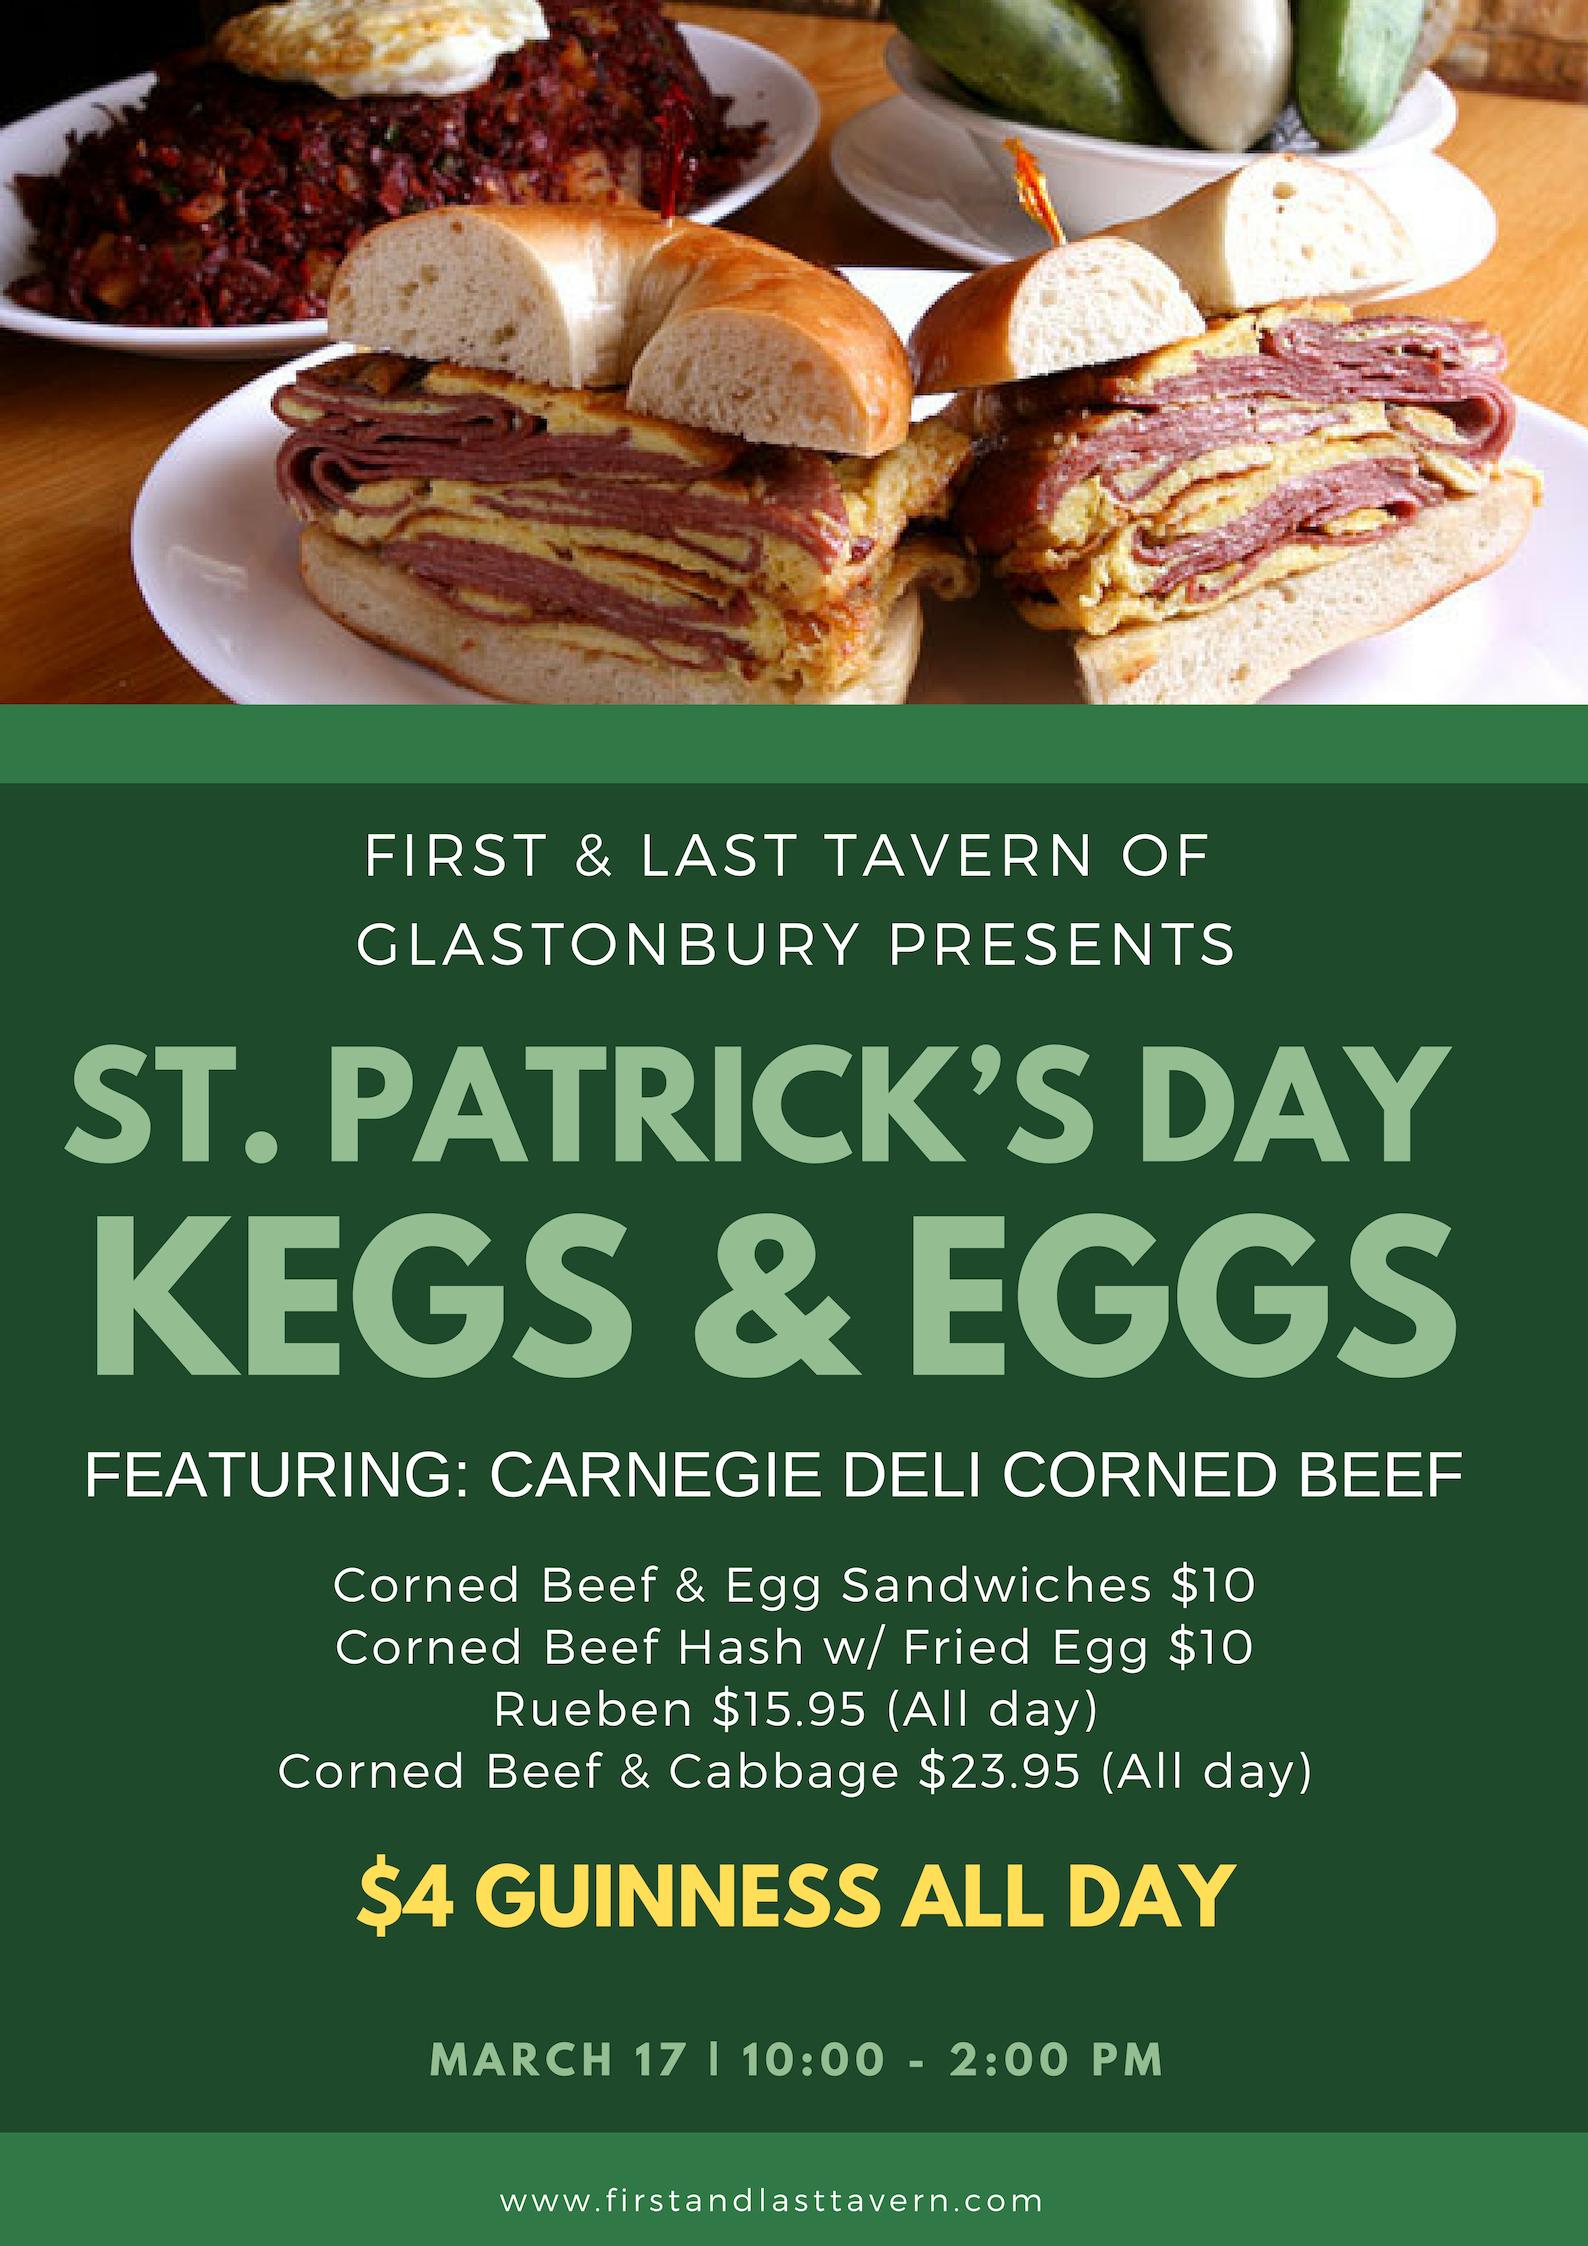 St. Patrick's day kegs & eggs.jpg